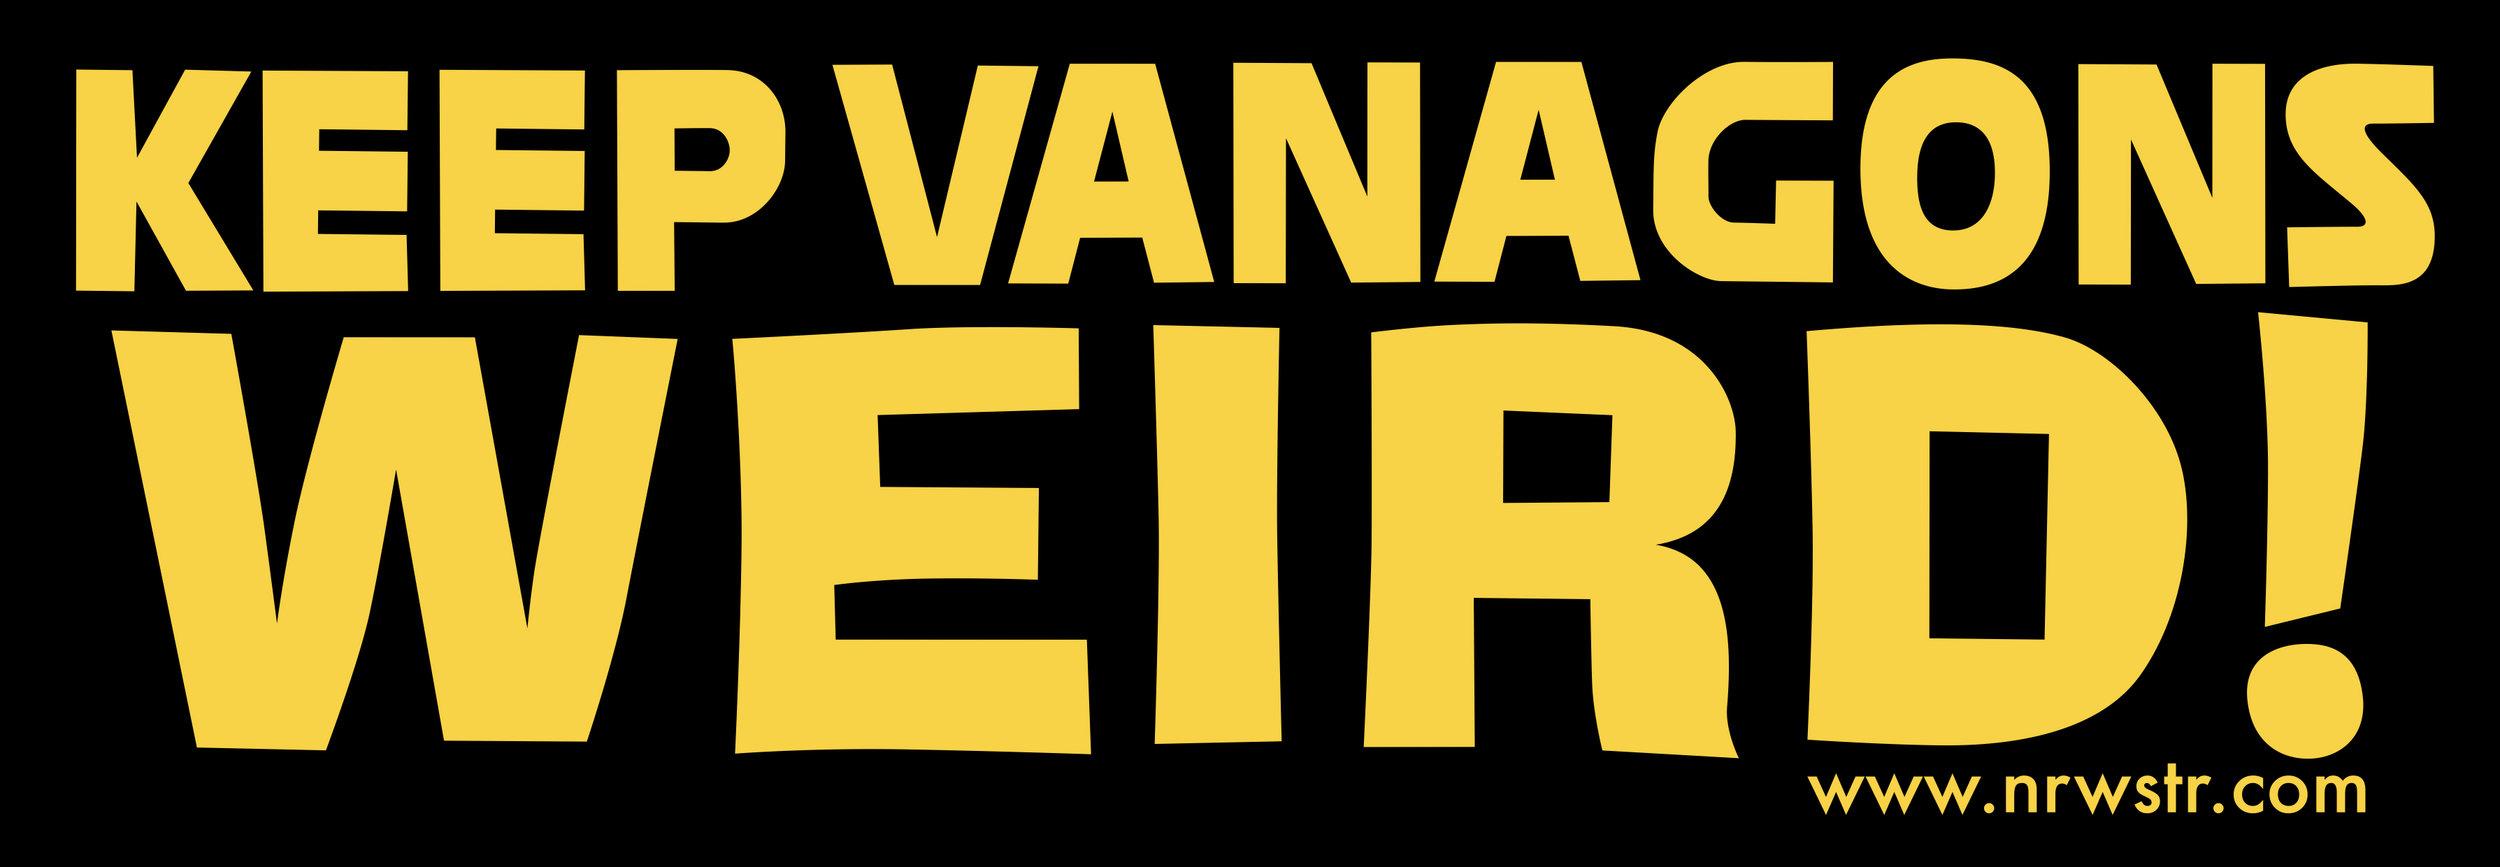 keep vanagons wierd!.jpg